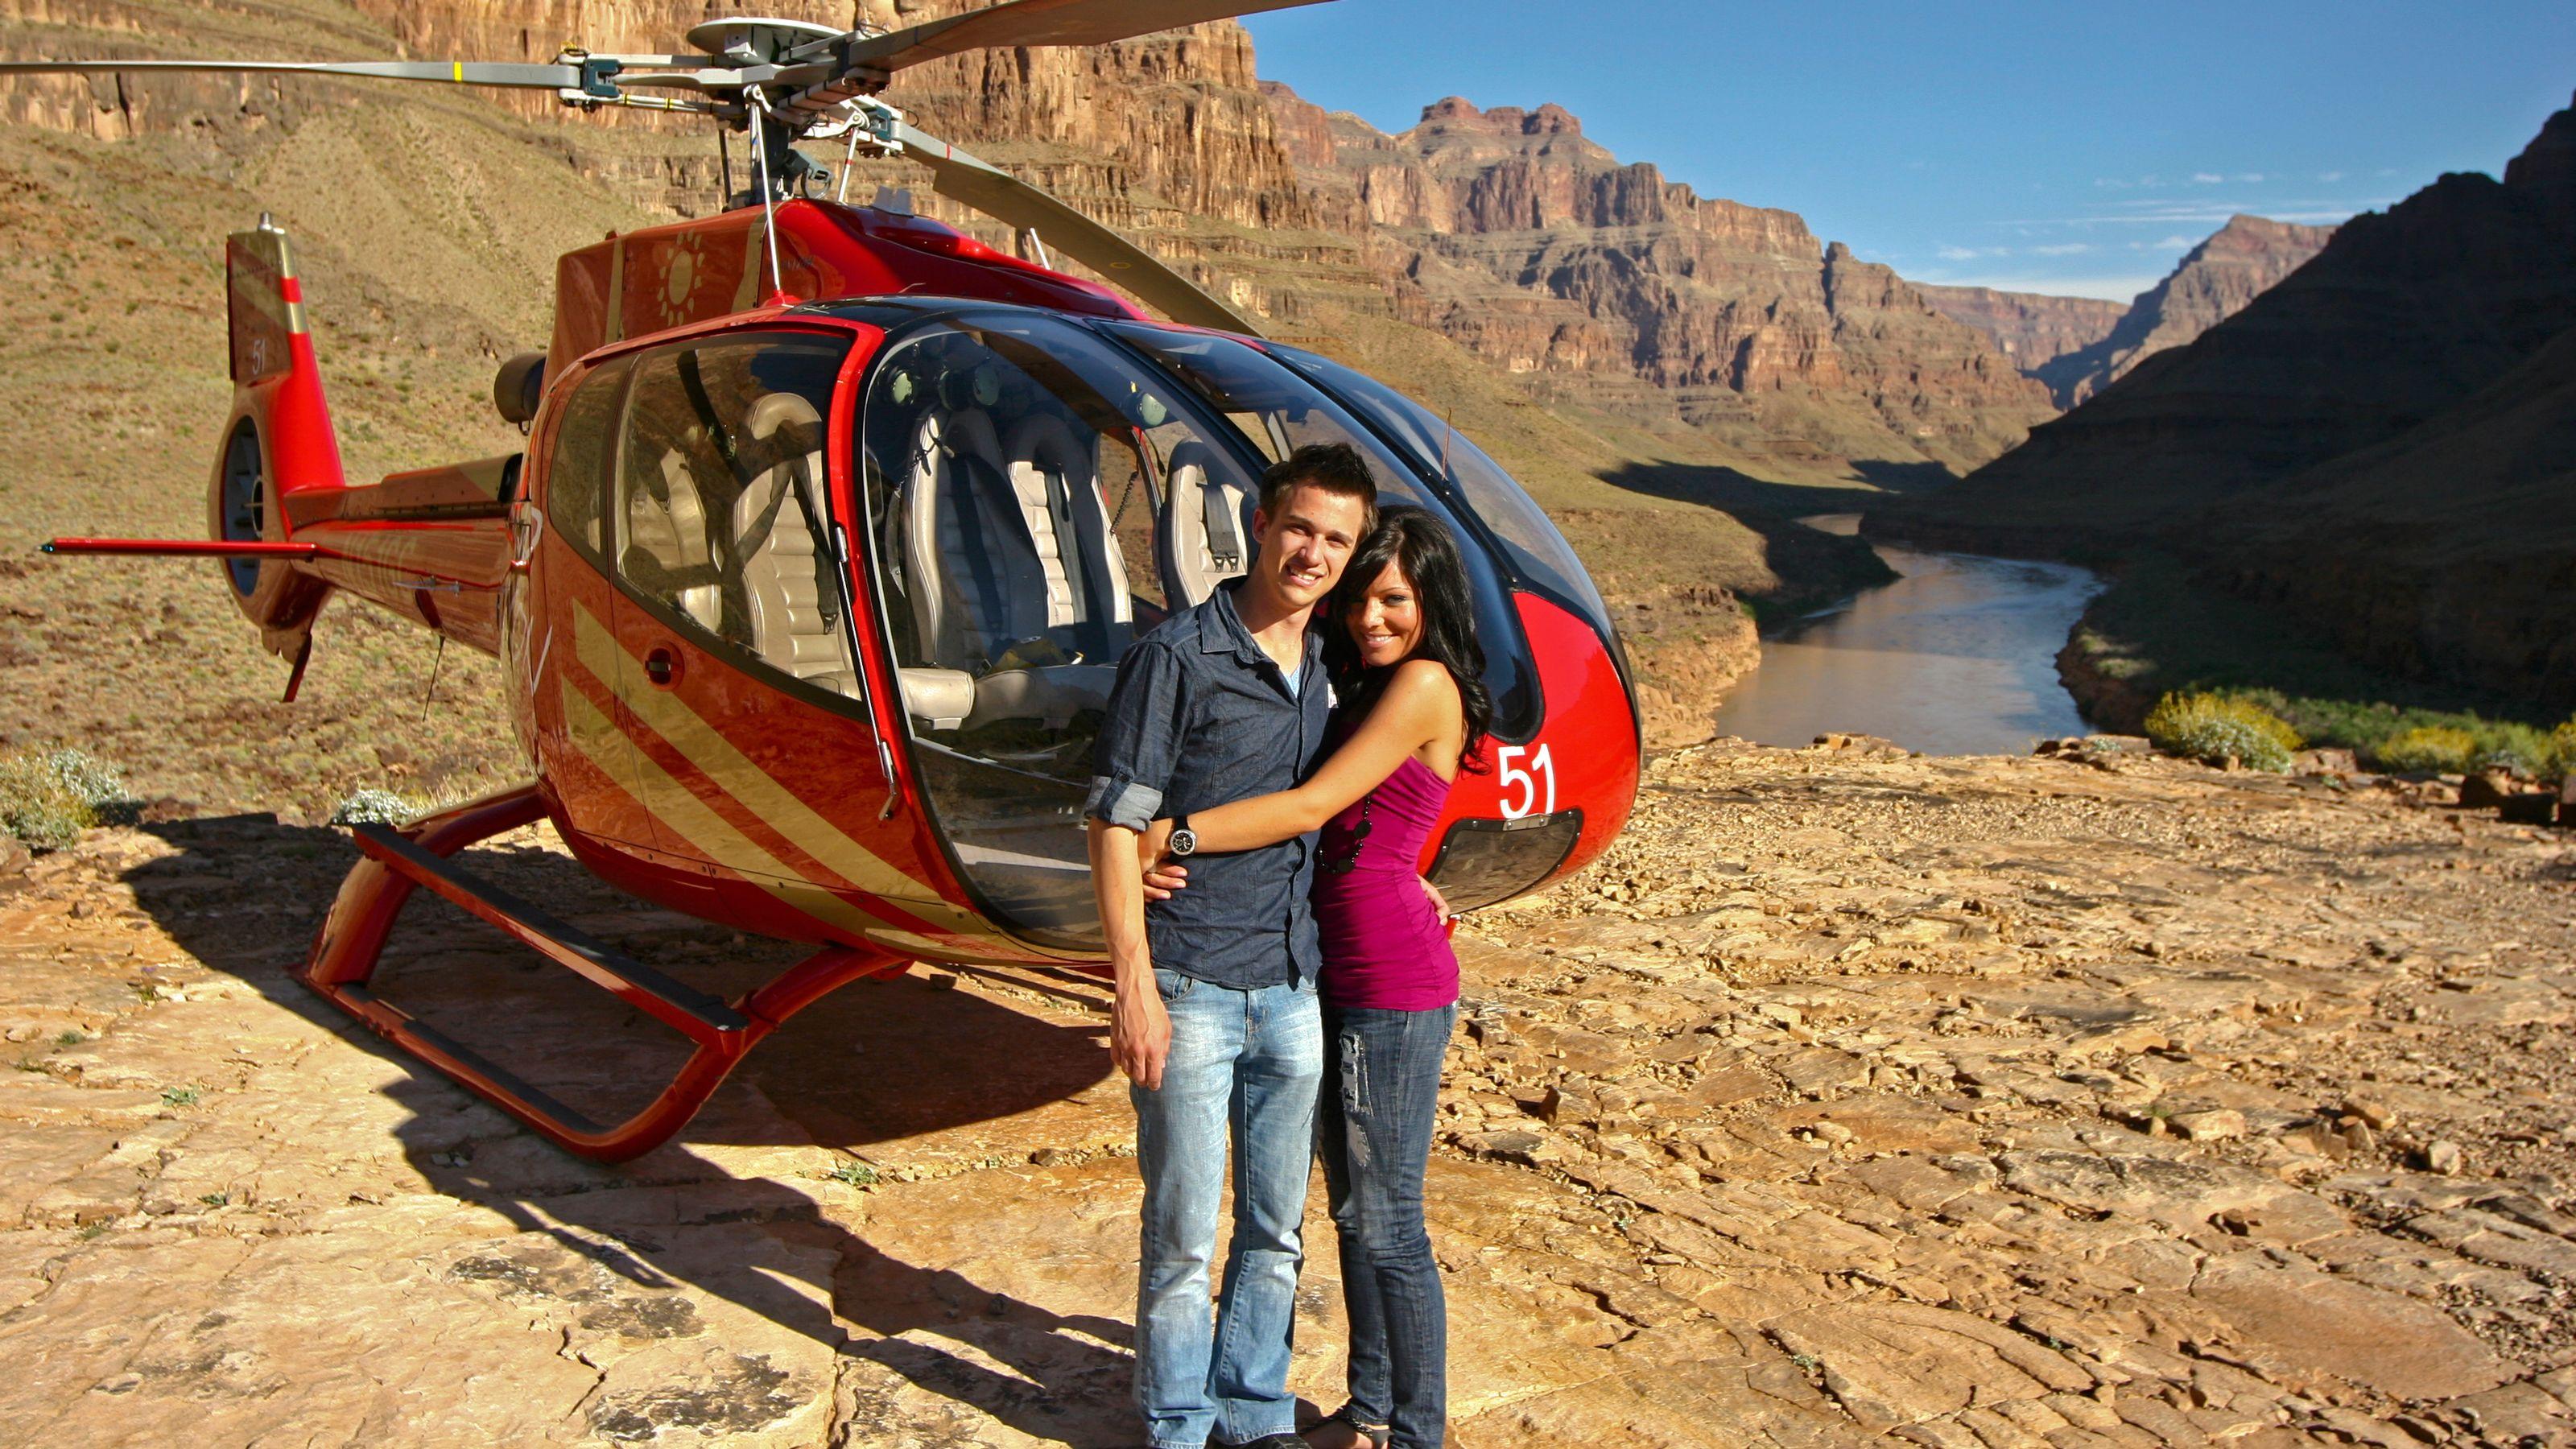 Lento Grand Canyoniin ja tyylikäs samppanjapiknik